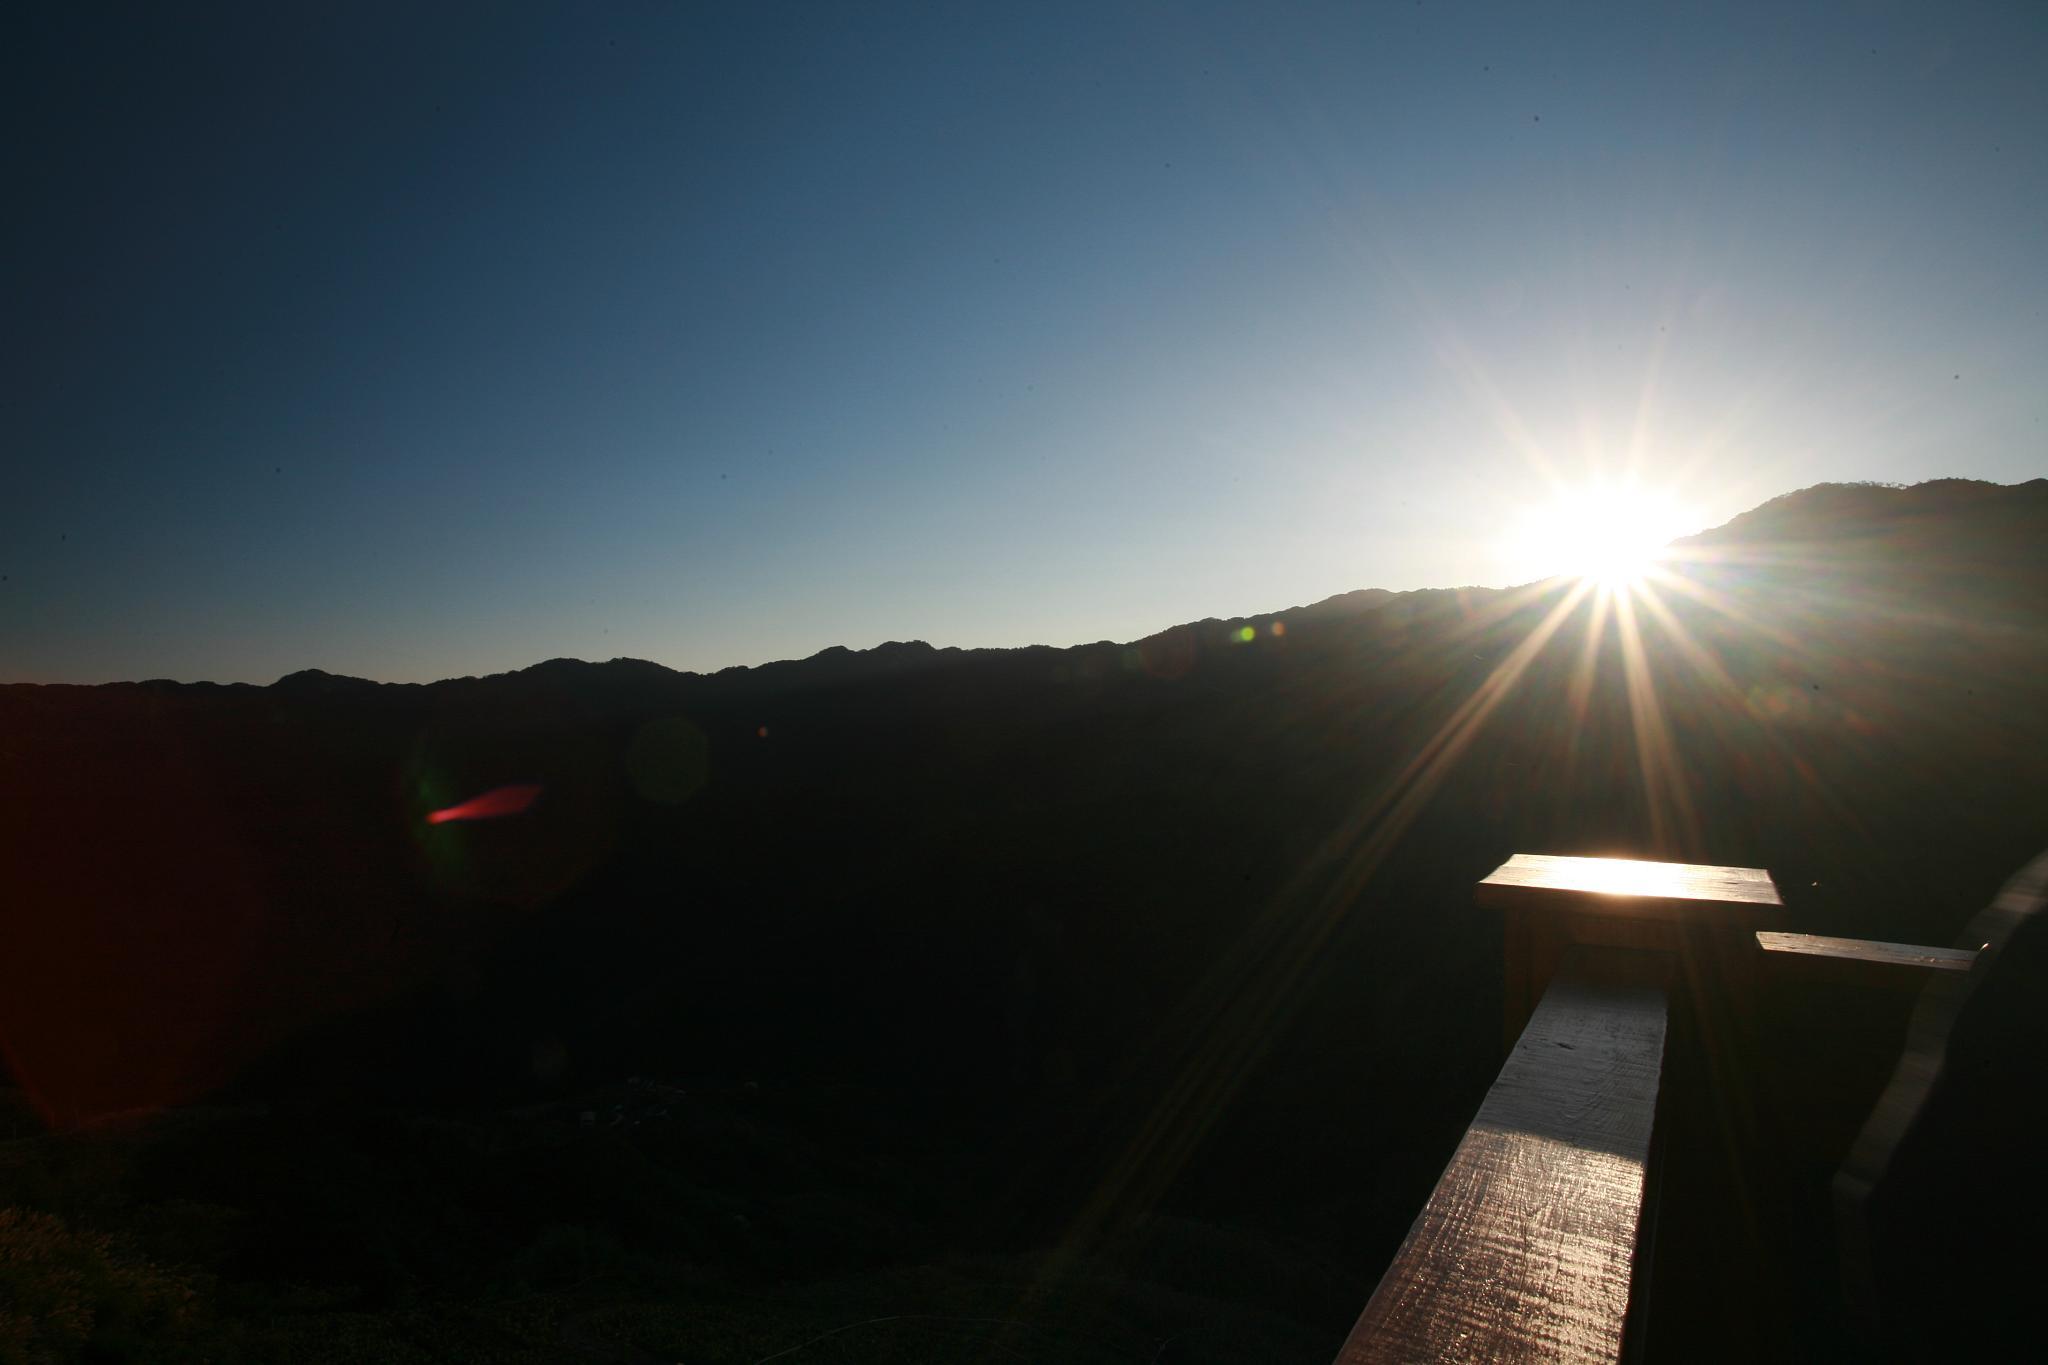 【雪霸國家公園】 新竹雪霸觀霧、野馬瞰山森林逍遙一日遊